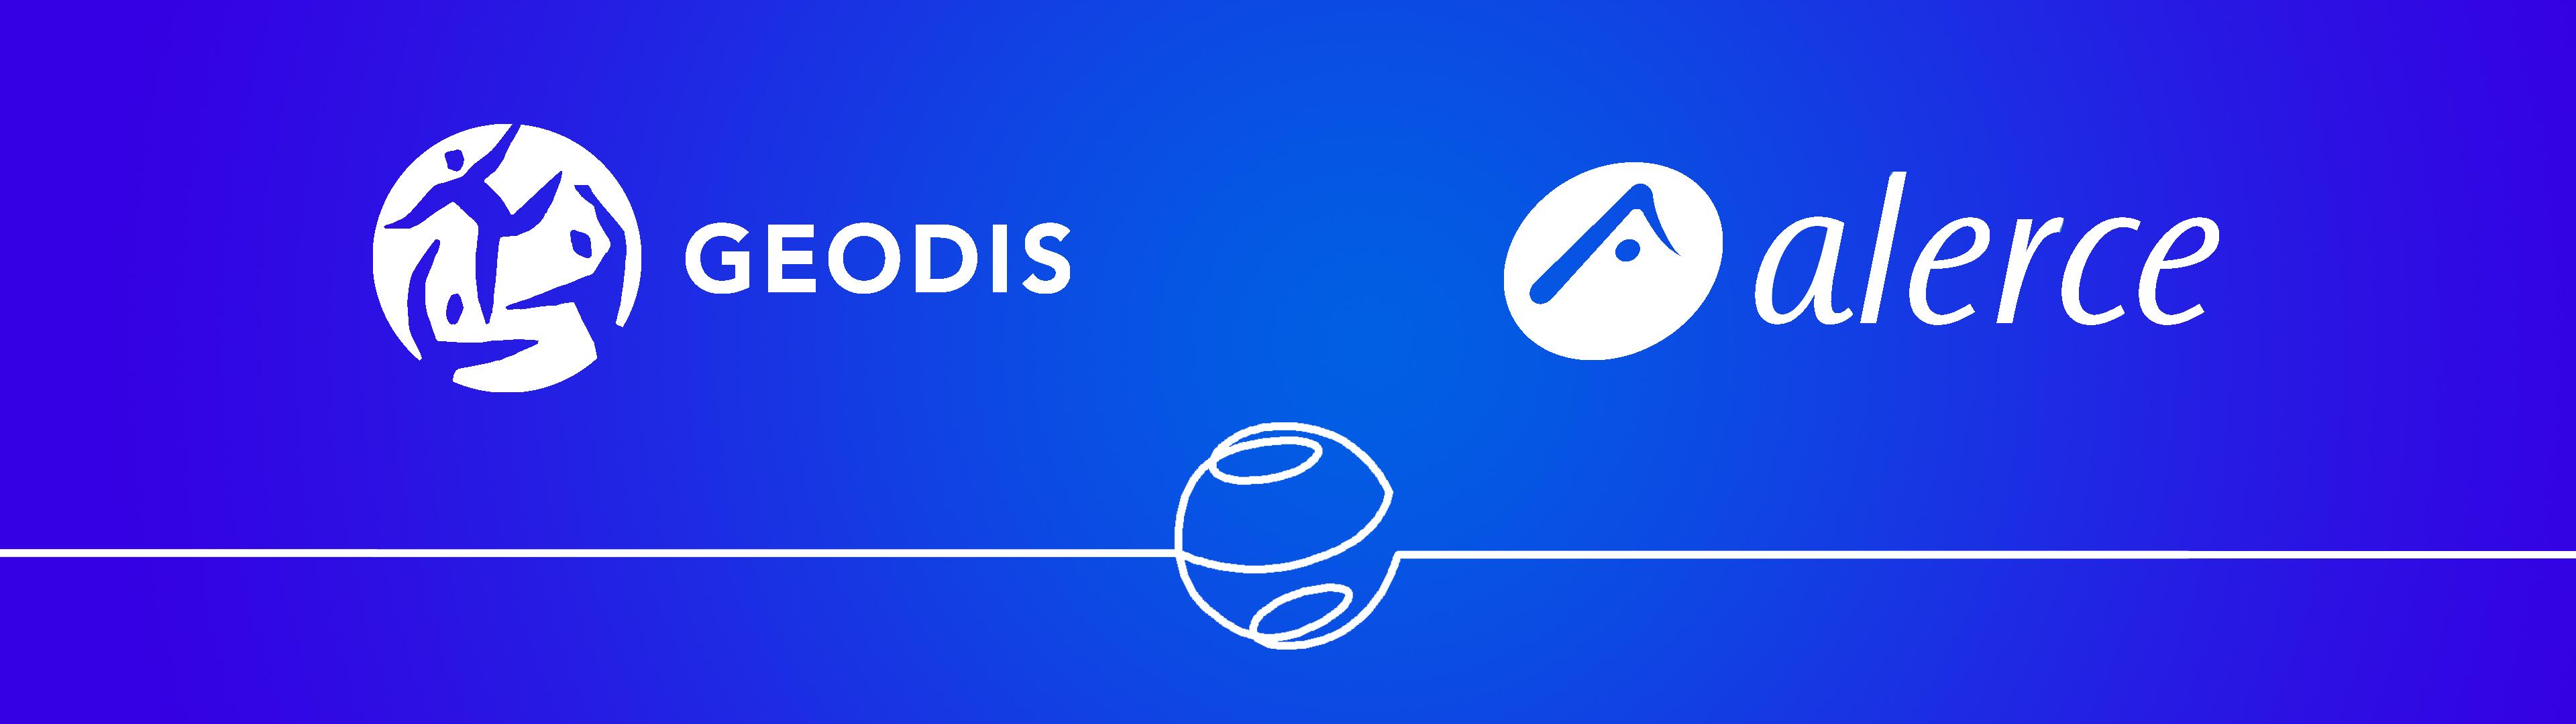 Geodis implémente son nouveau TMS et renforce l'efficacité de sa distribution